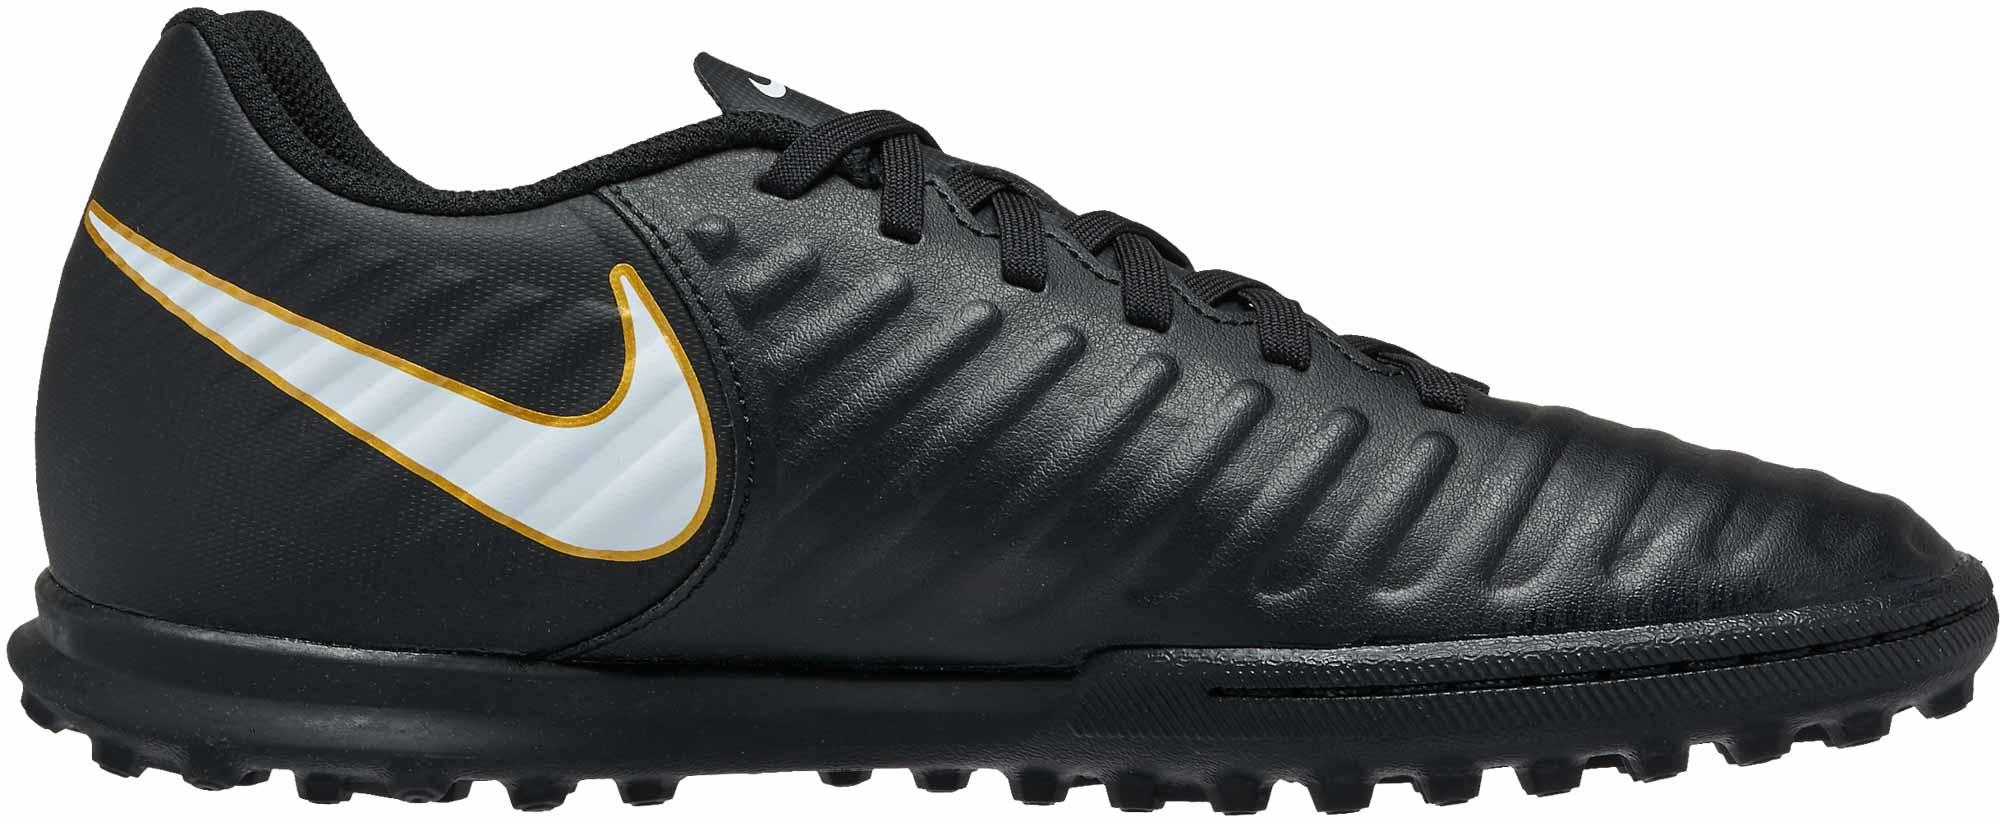 Buscar a tientas Facilitar Impotencia  Nike TiempoX Rio IV Turf Soccer Shoes - Black